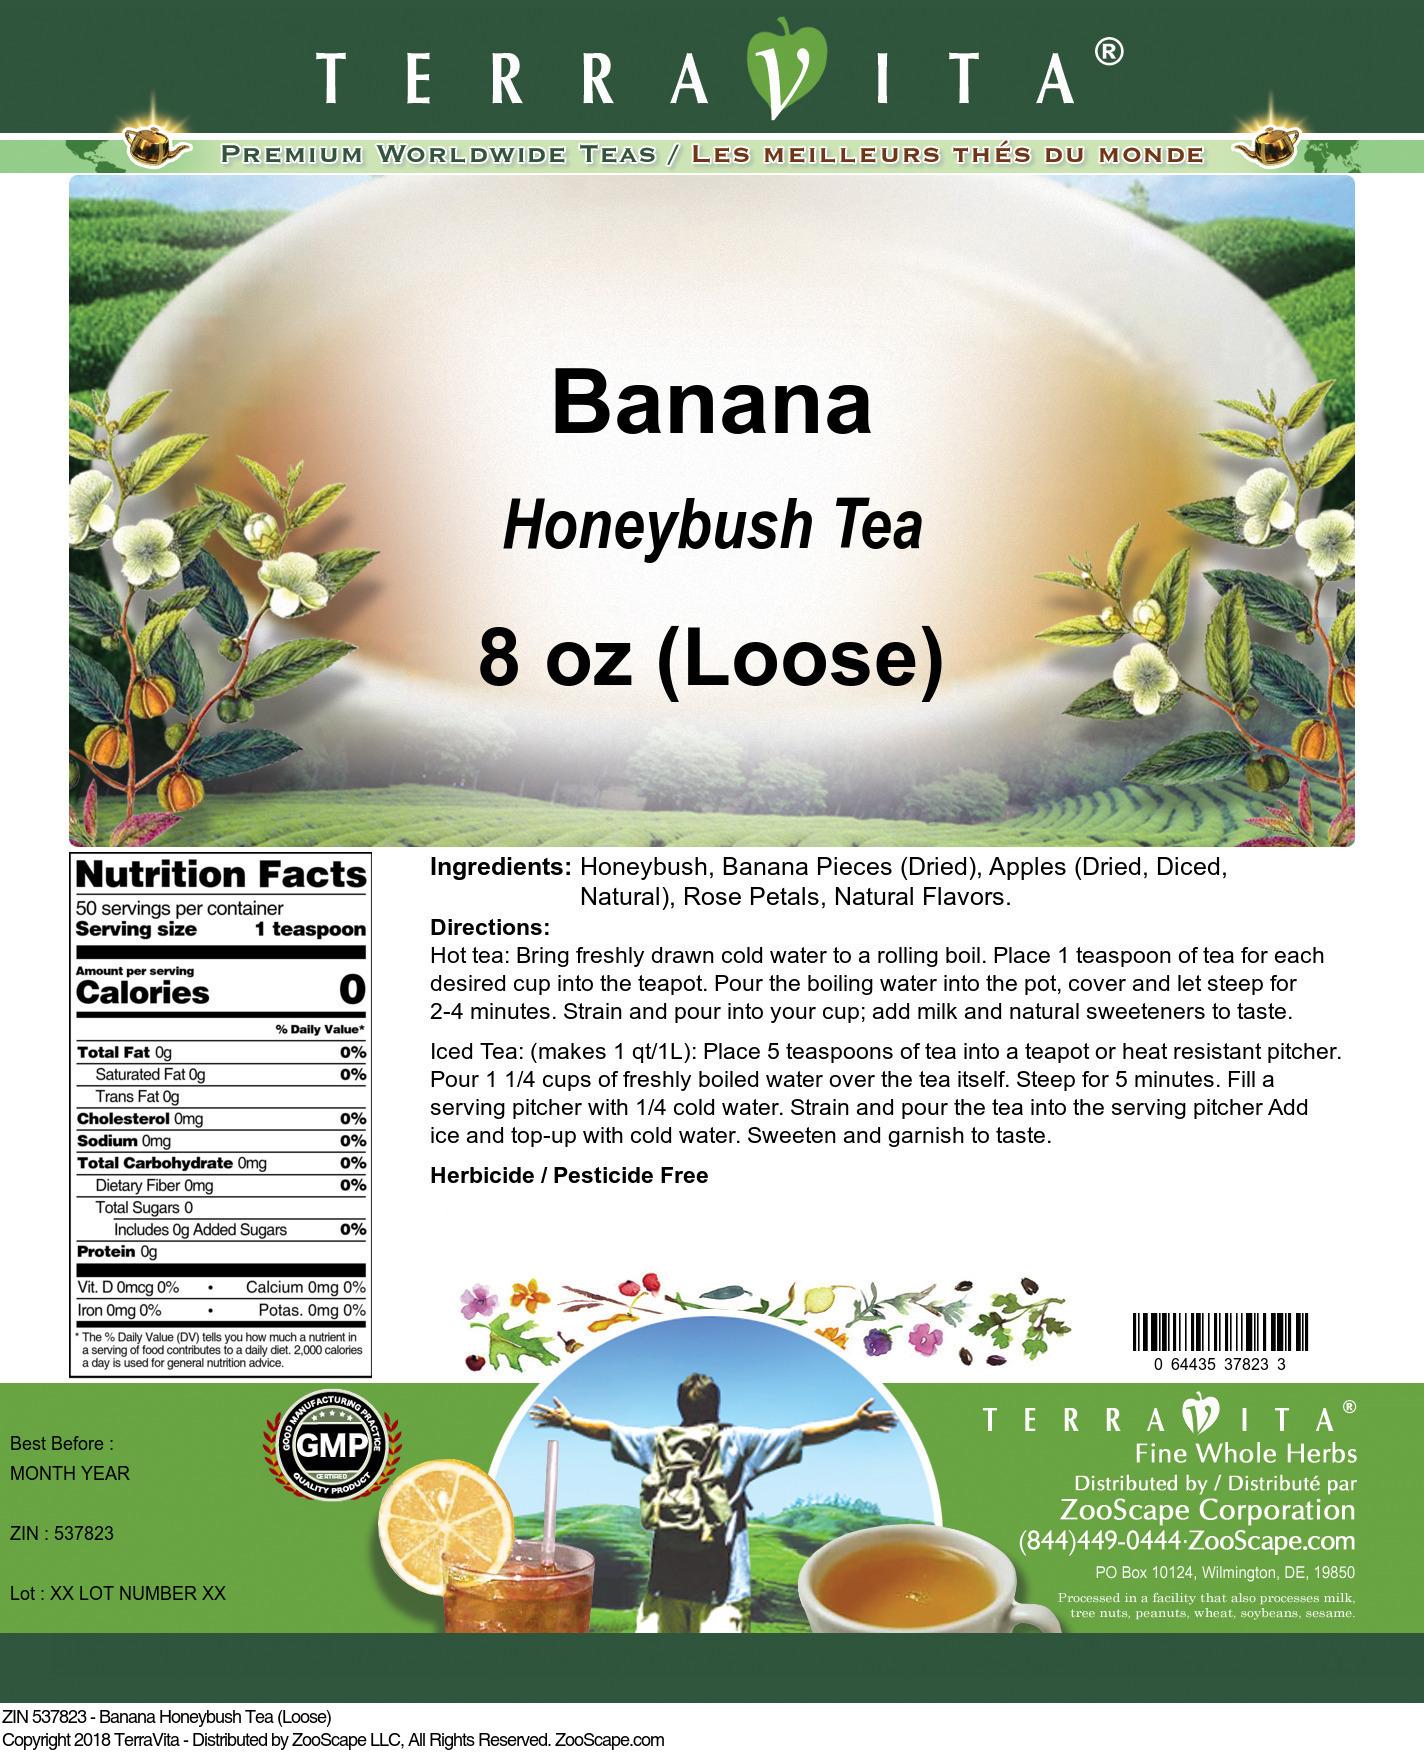 Banana Honeybush Tea (Loose)